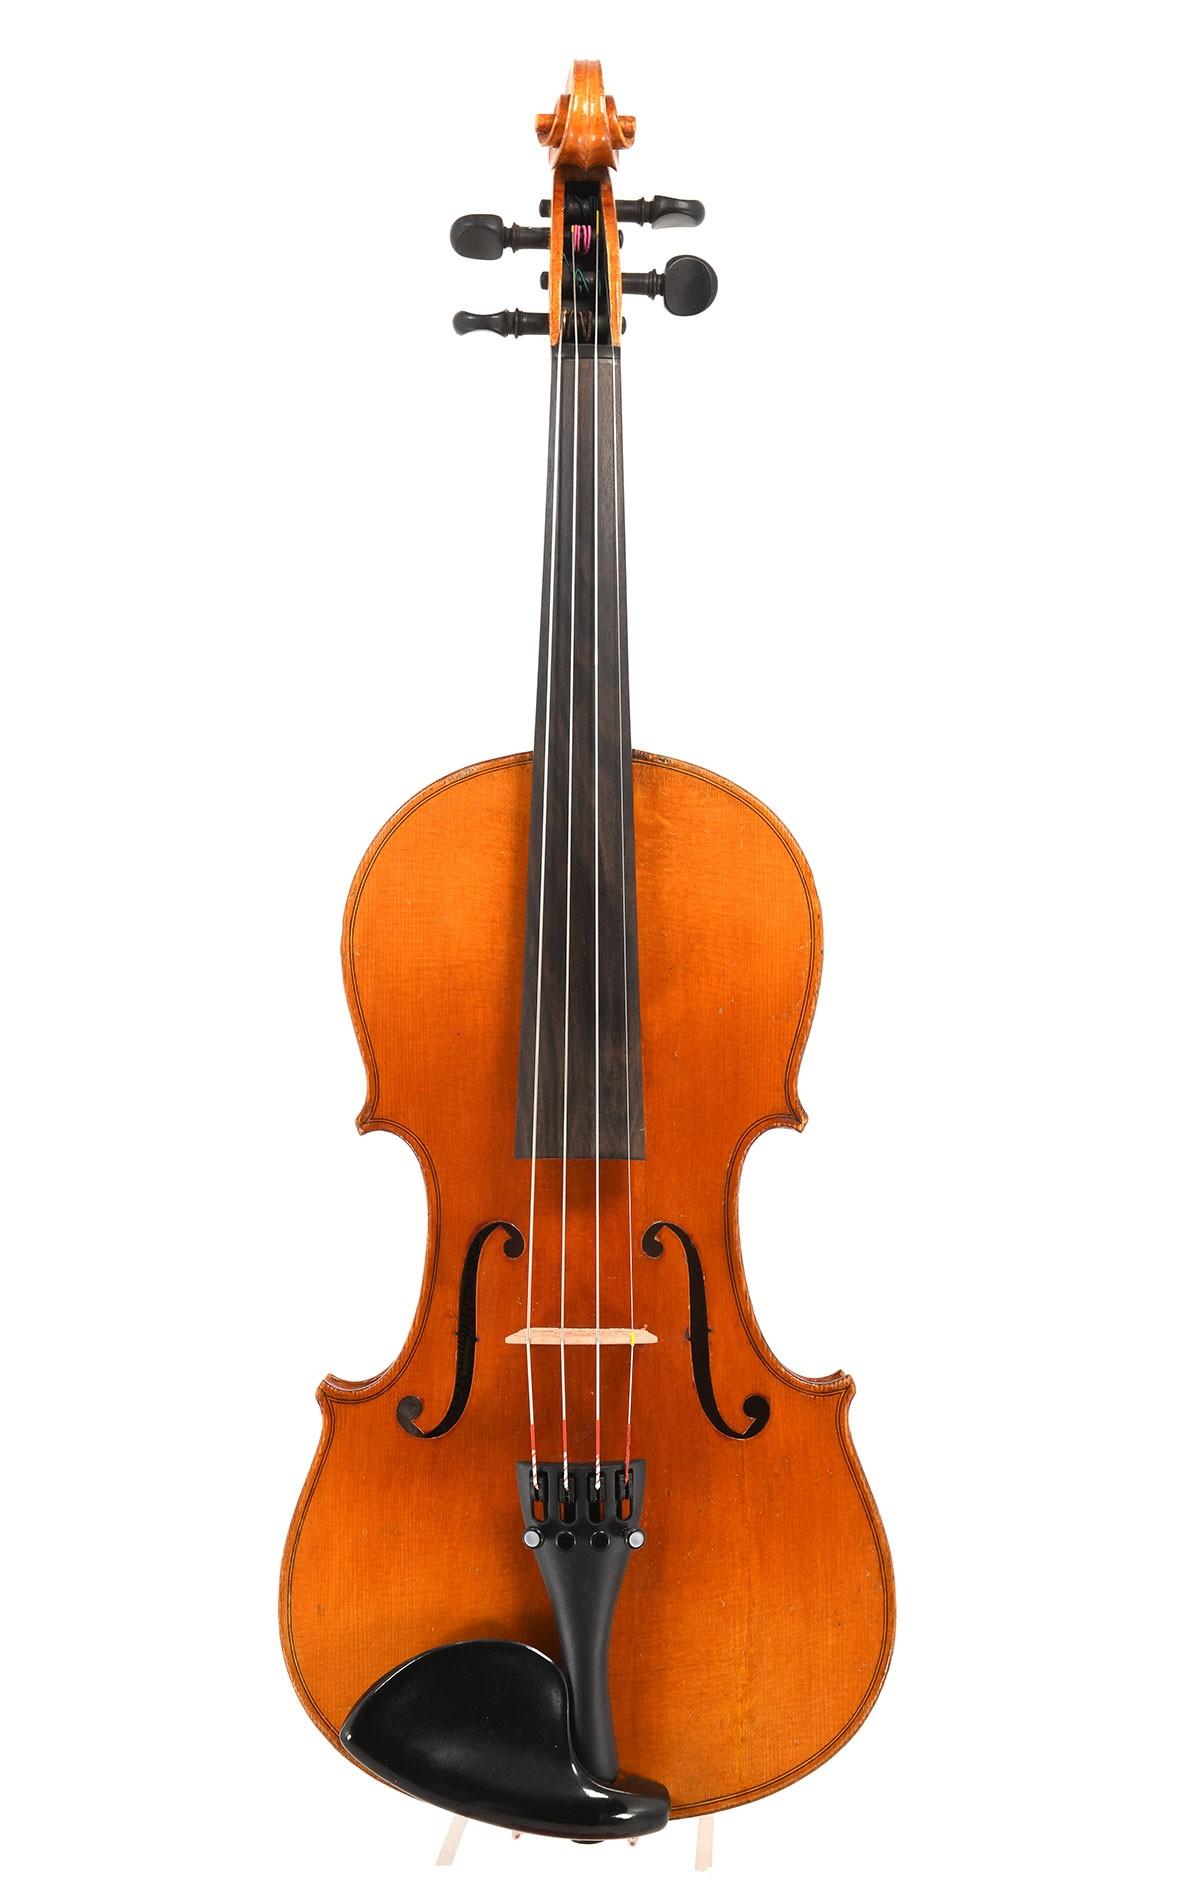 3/4 Geige, Handarbeit aus Mittenwald, gebaut 1933